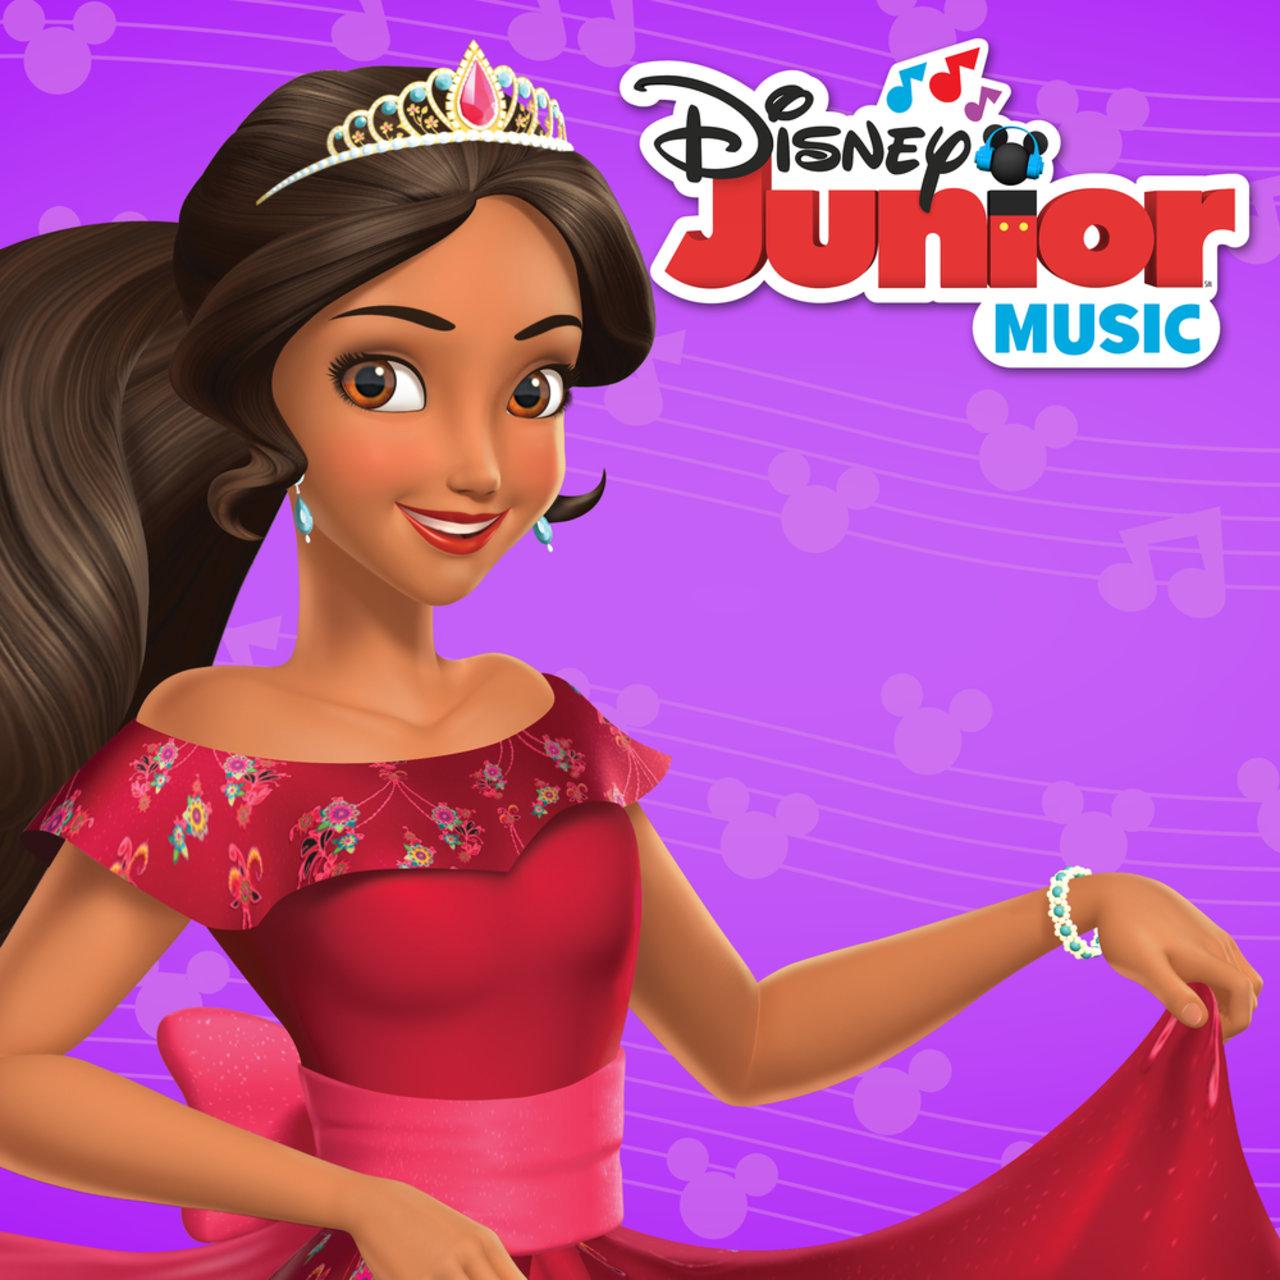 Elena of Avalor: Disney Junior Music - EP